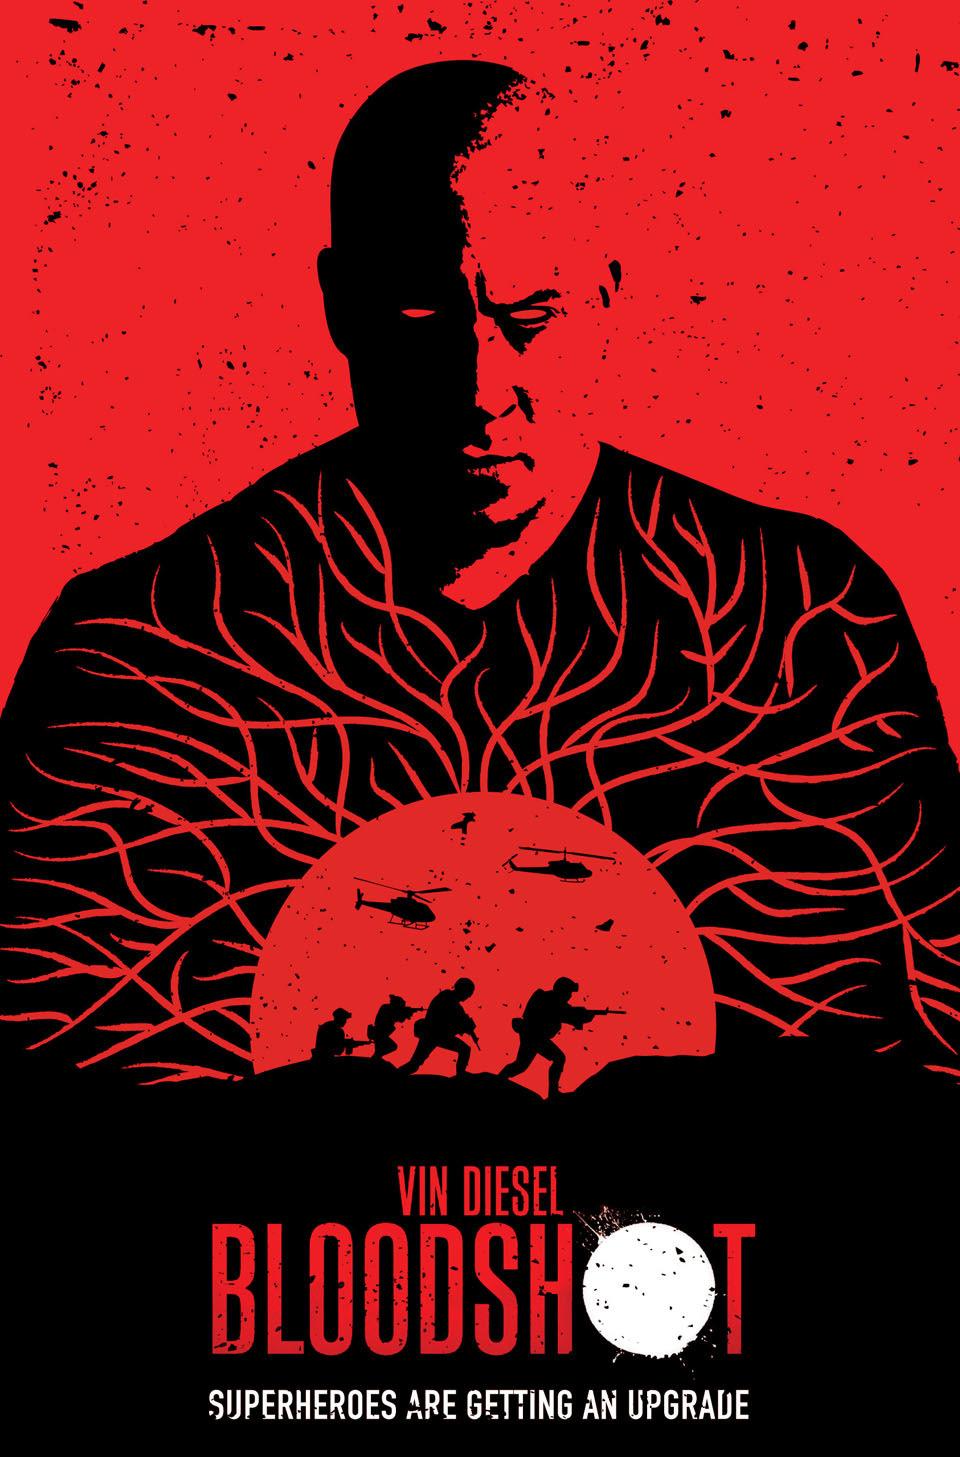 bloodshot 2020 alternative movie